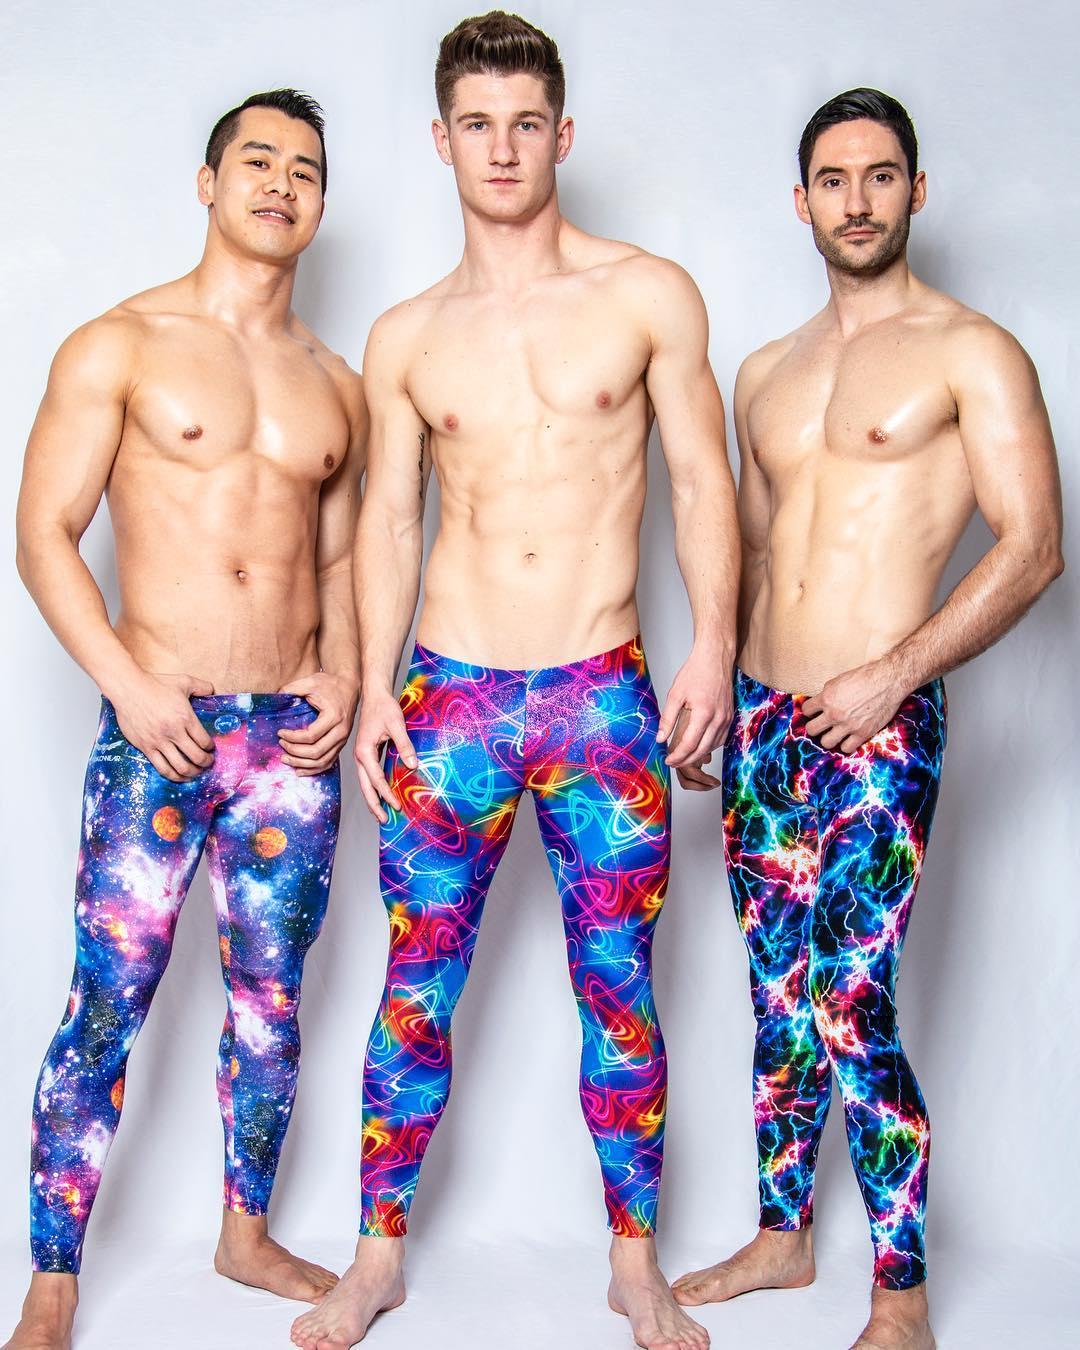 New Brand -Sokowear men's leggings